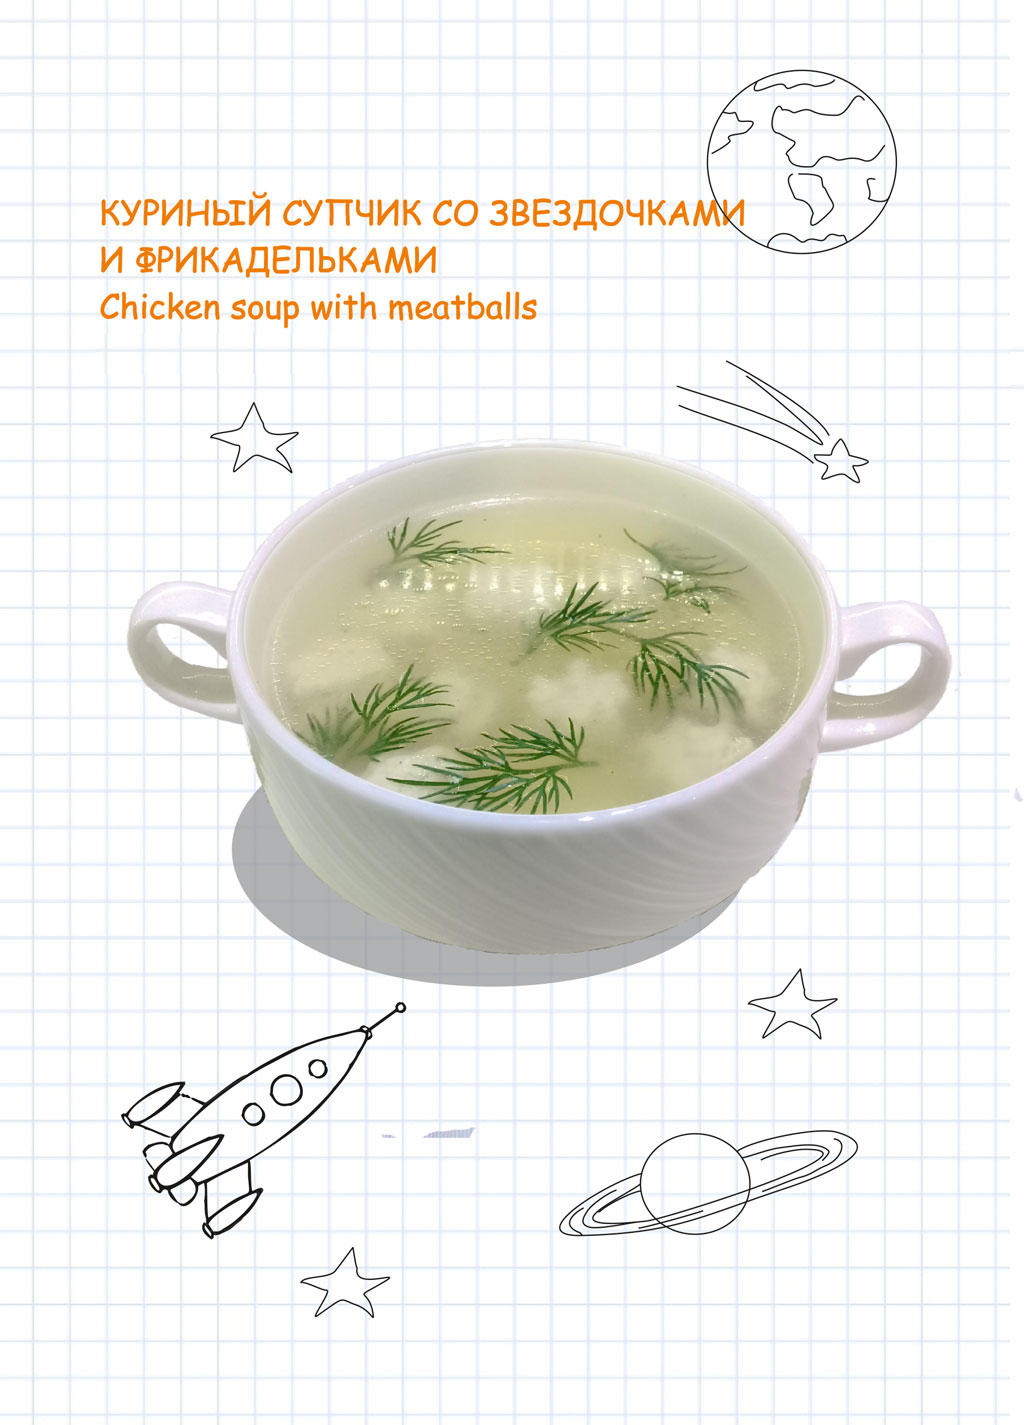 Куриный супчик со звёздочками и фрикадельками (Chicken soup with meatballs) в ресторане Аннам Брахма в Оренбурге.jpg